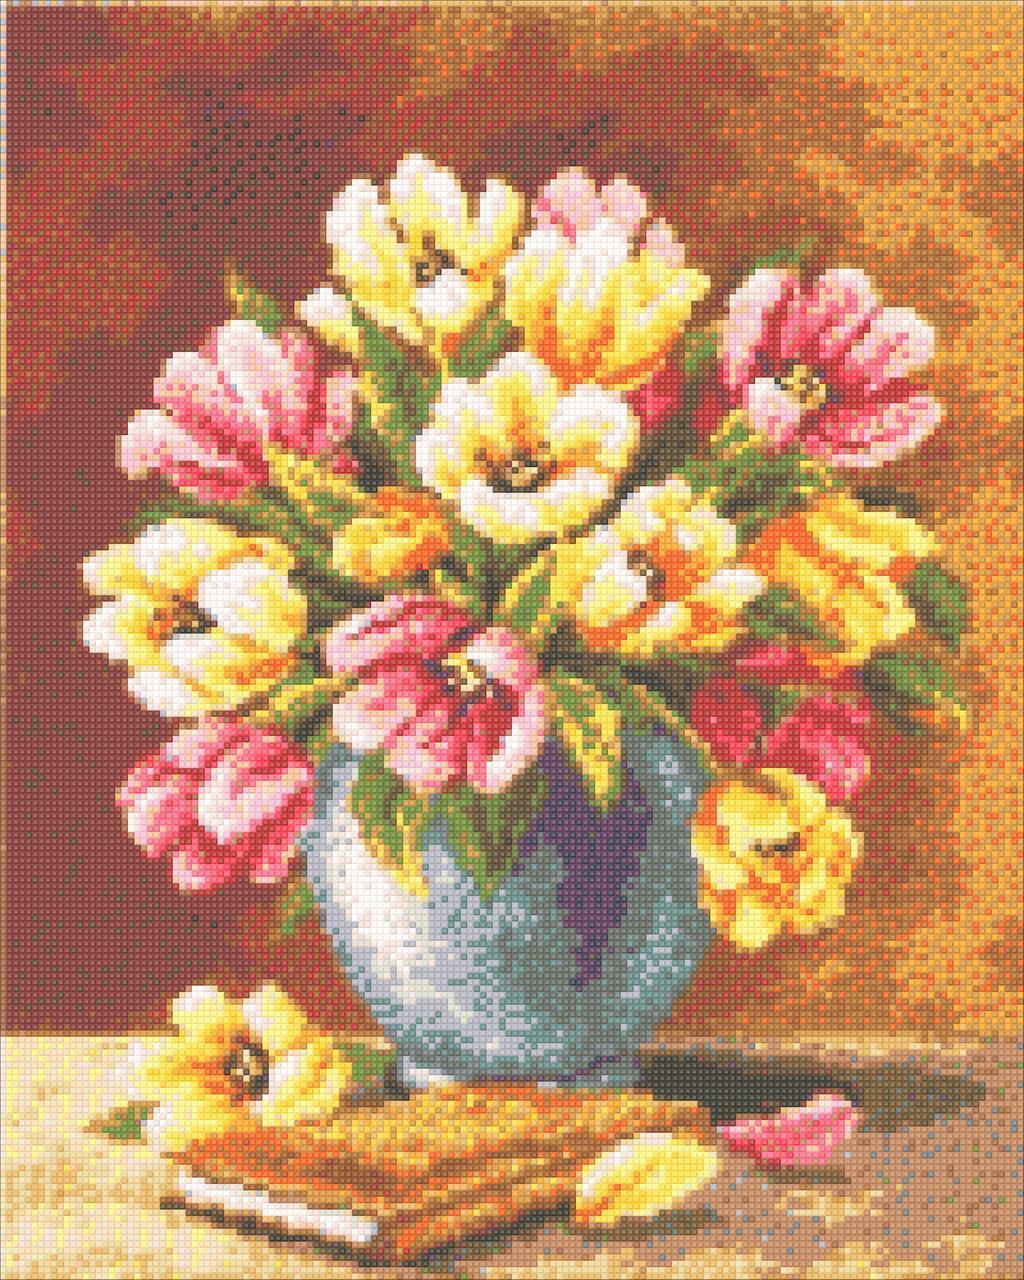 Алмазная мозаика Ваза с тюльпанами 40x50см DM-207 Полная зашивка. Набор алмазной вышивки